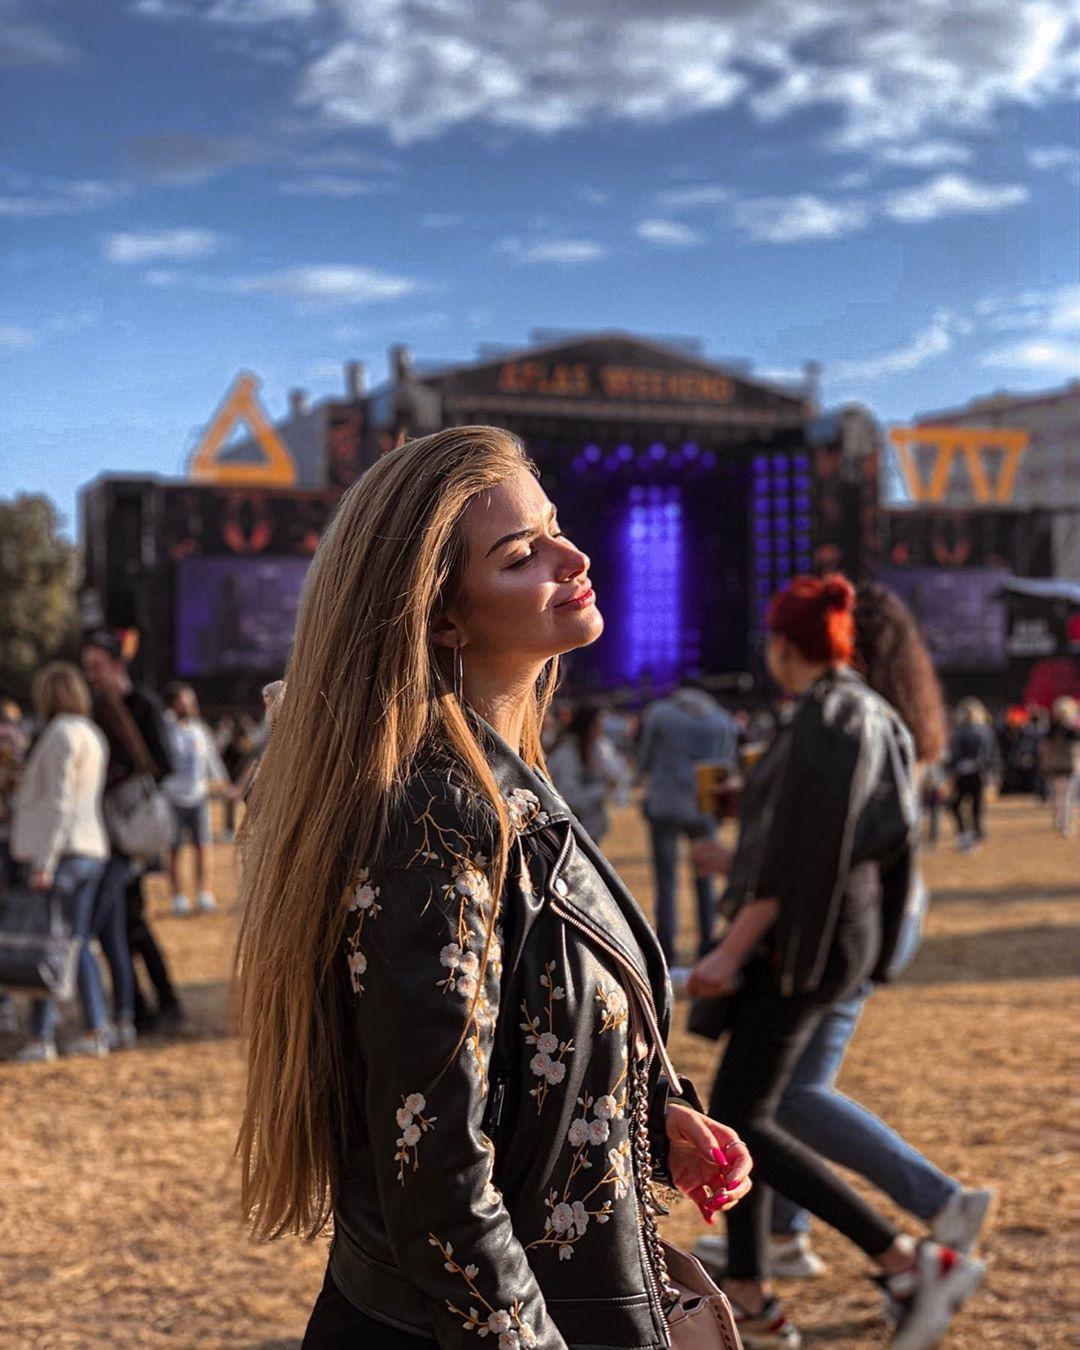 @popova.kt нежится под лучами не по-летнему прохладного солнца и под звуки очередного исполнителя